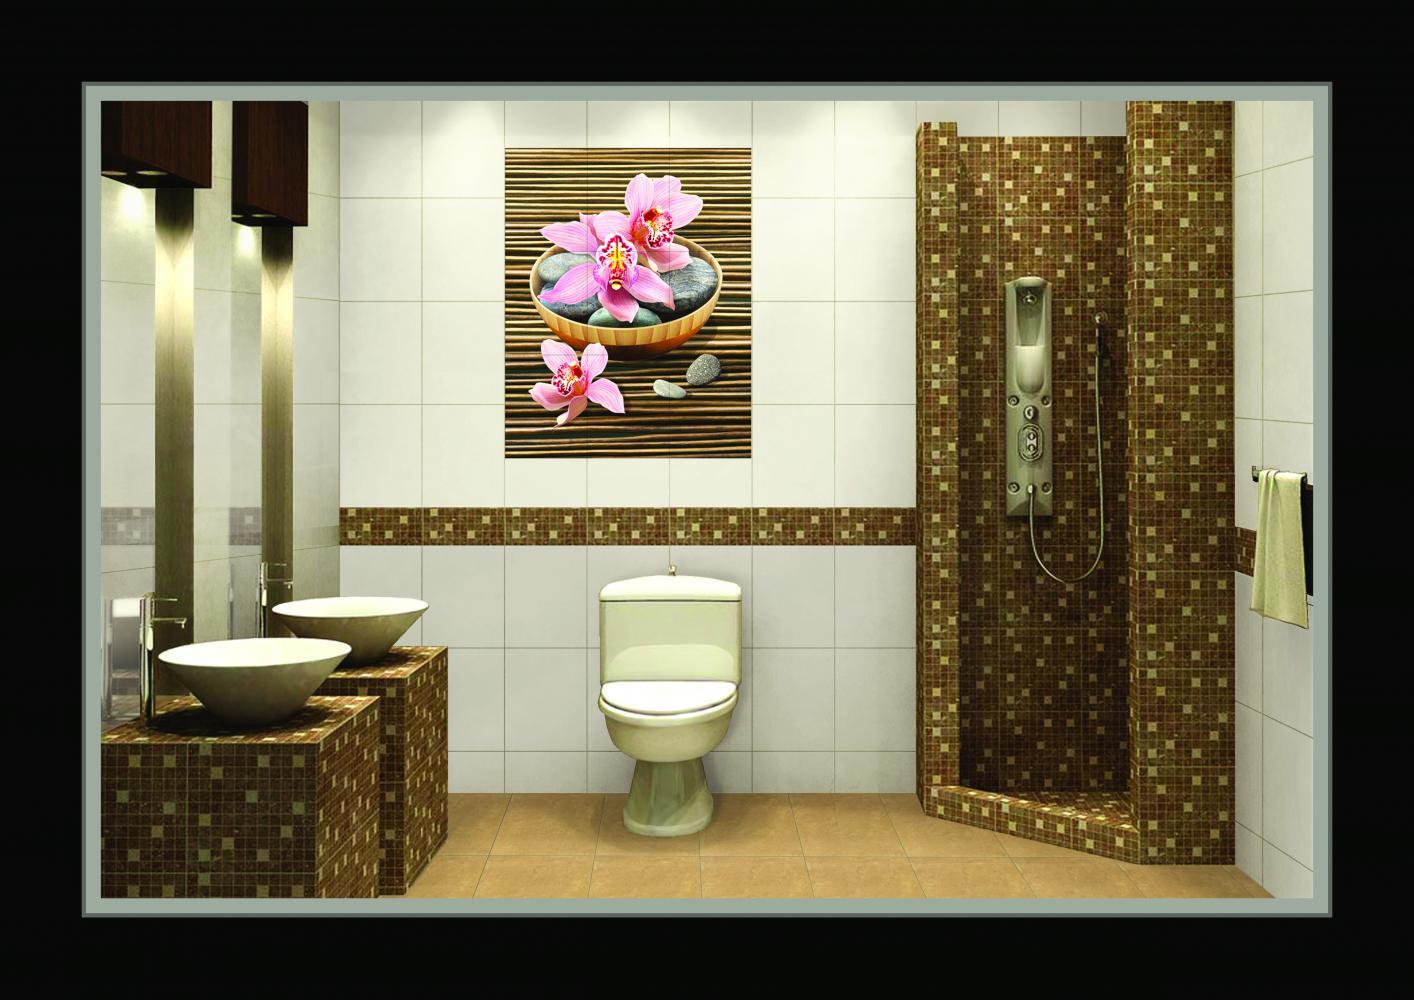 กระเบื้องห้อง ห้องน้ำ